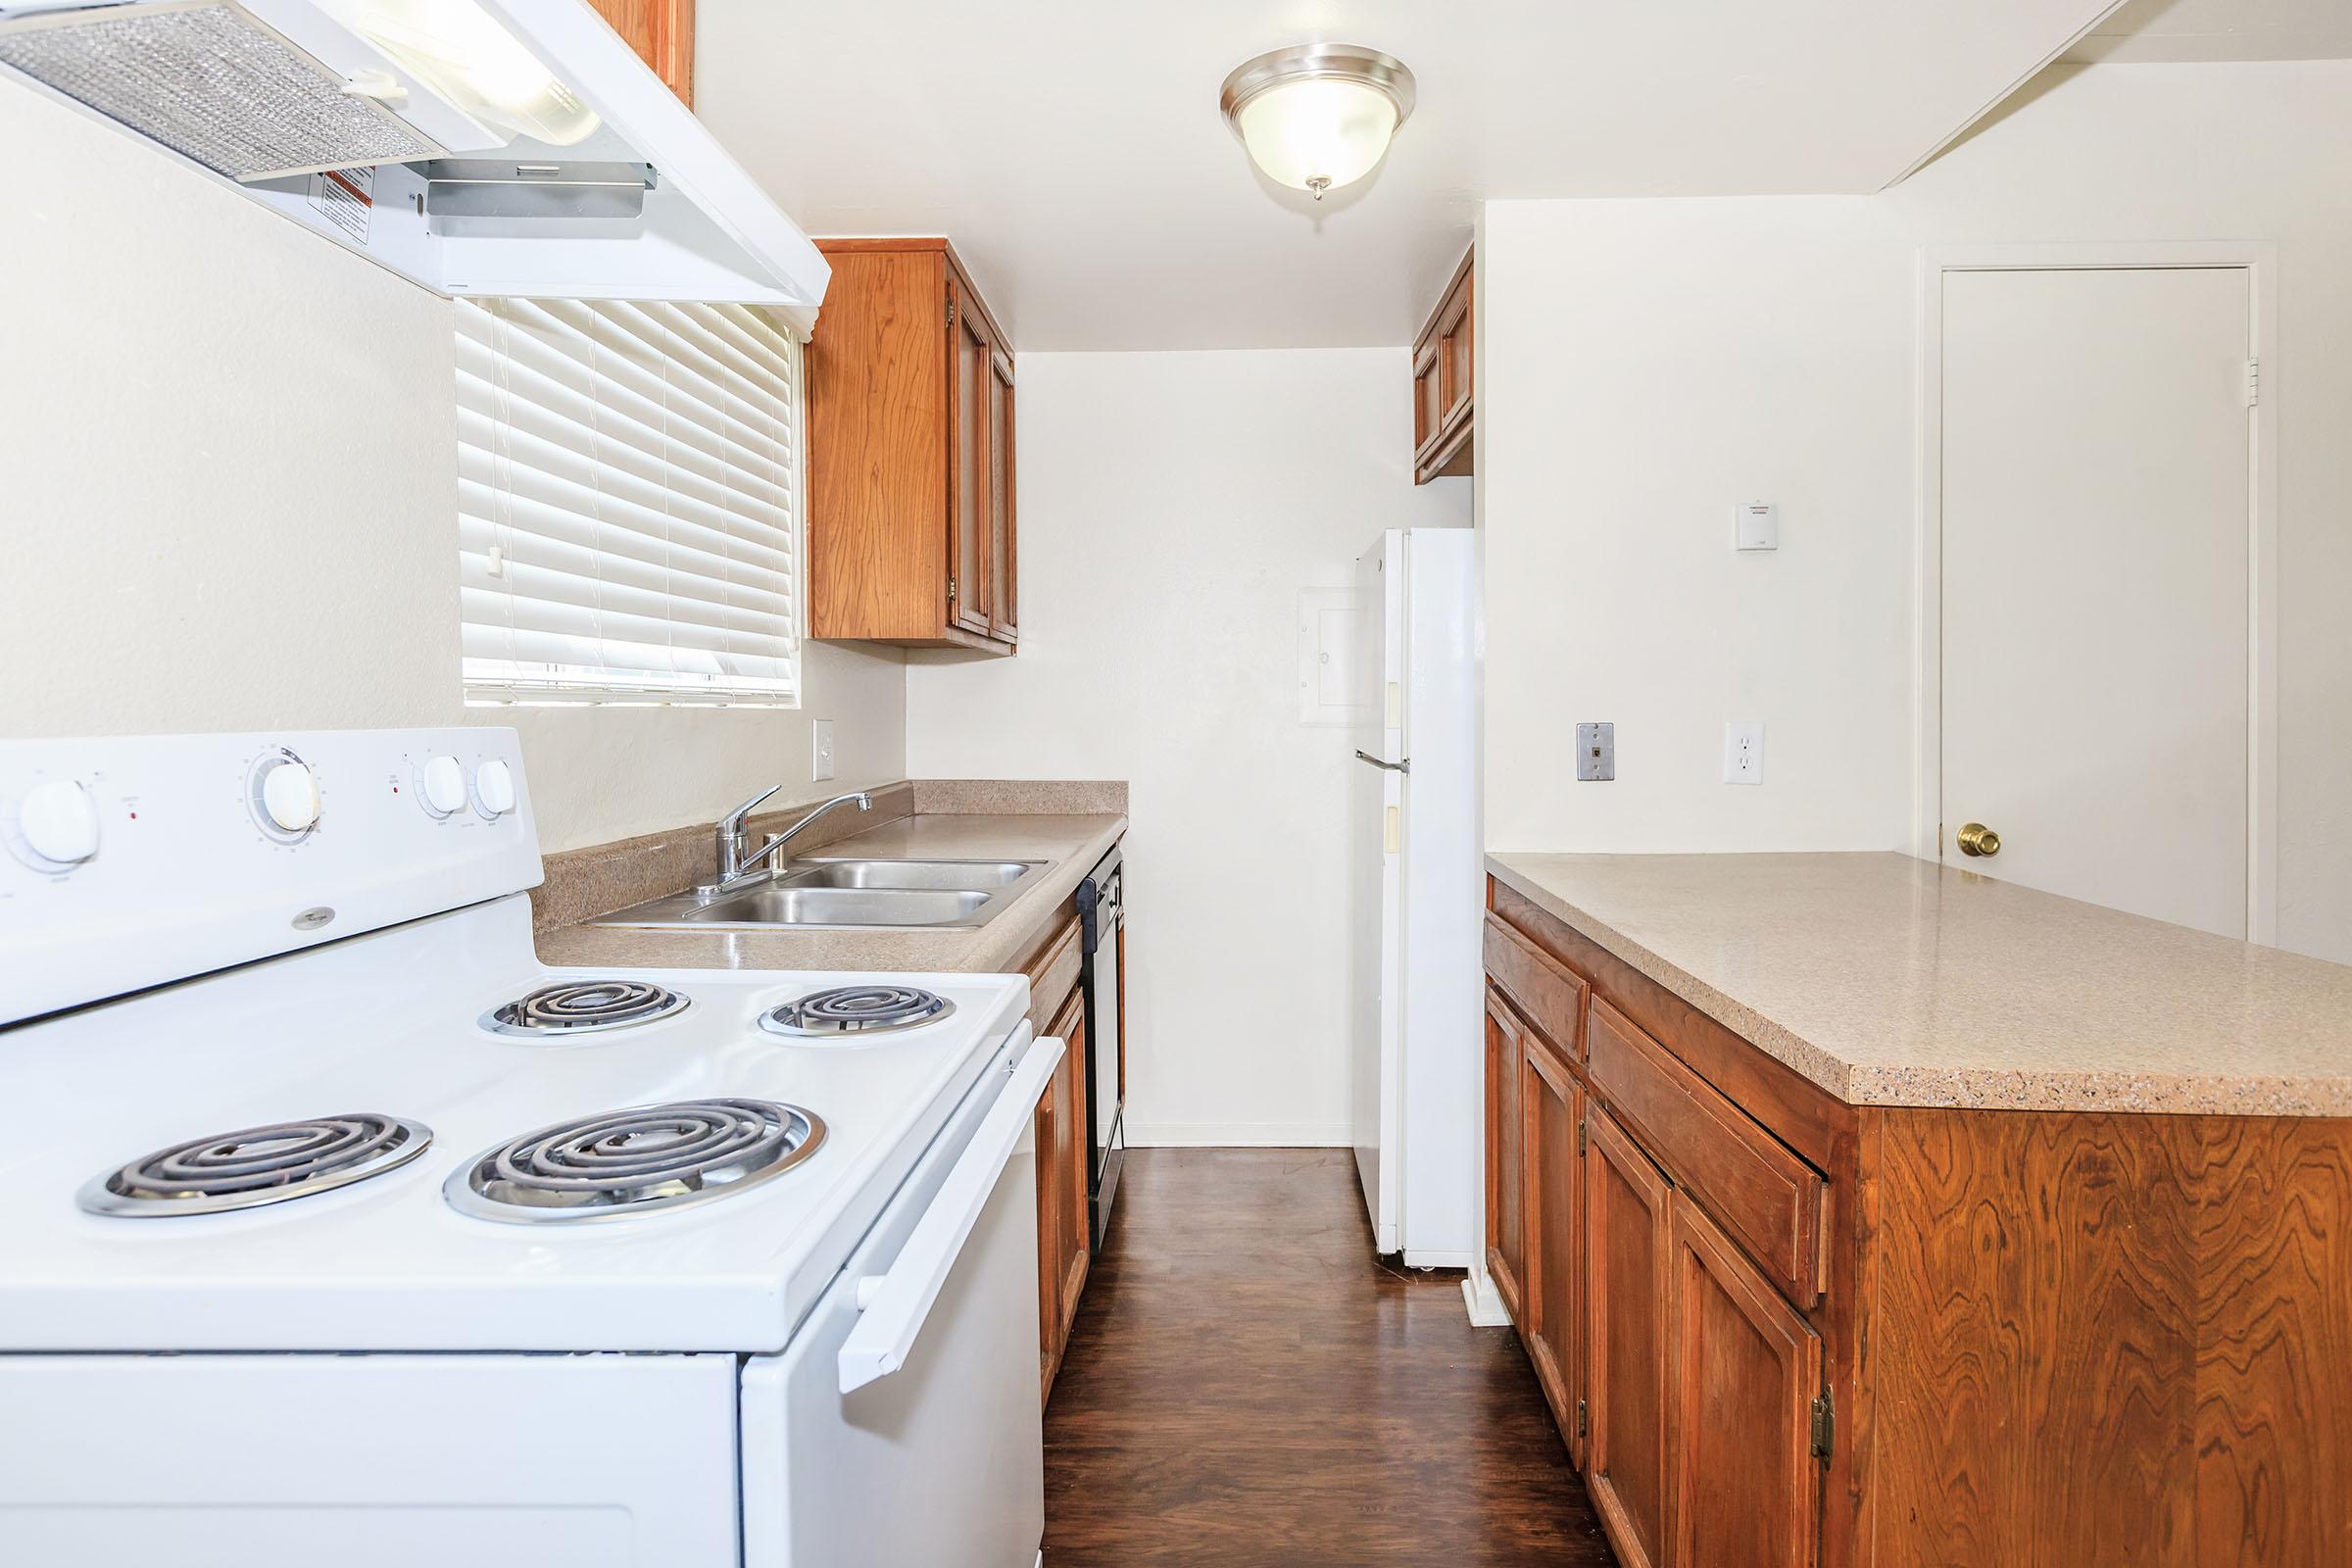 Sunburst Apartments - Amenities